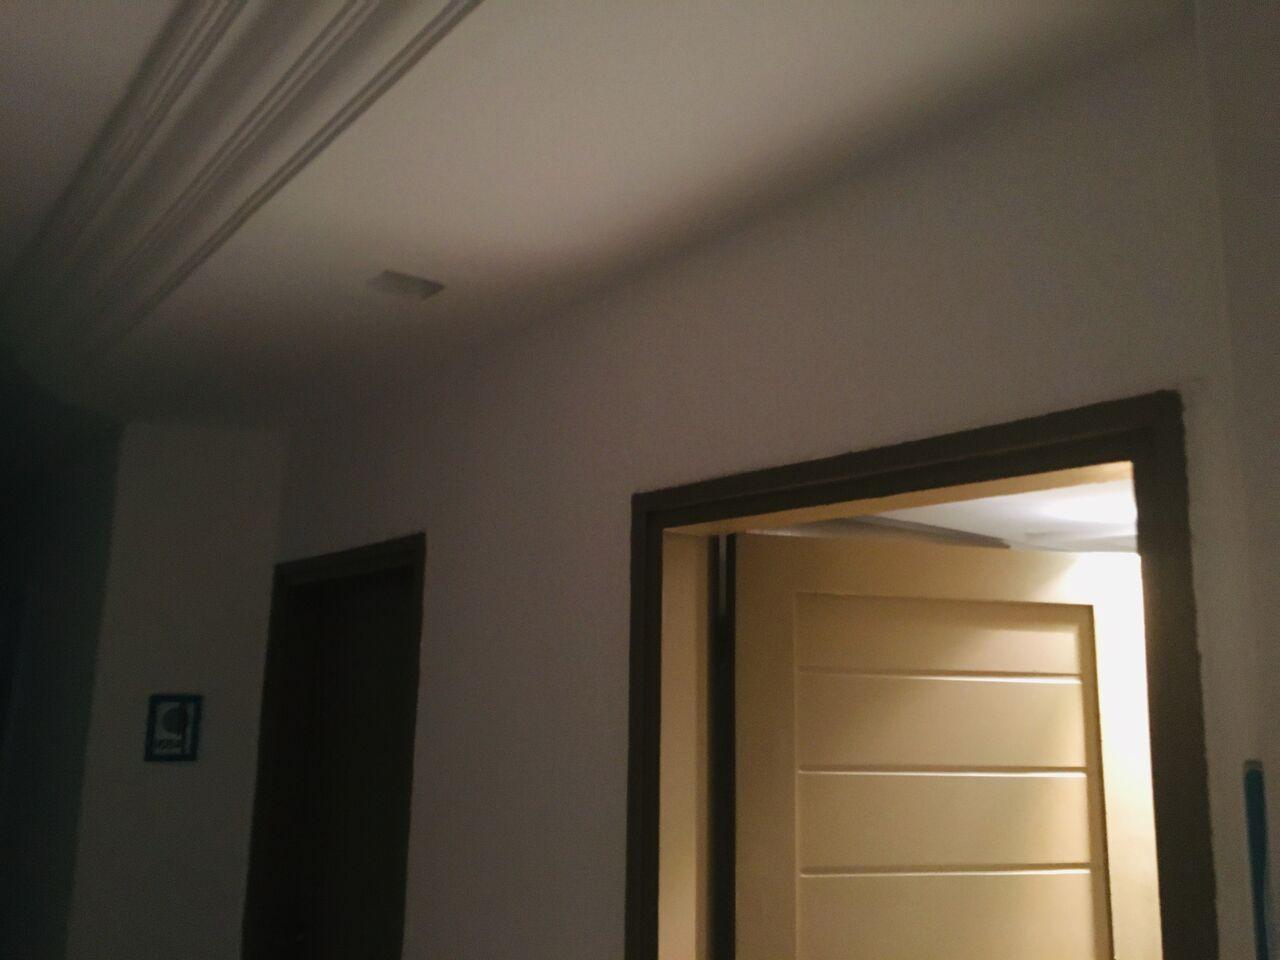 Még jó, hogy a szobában van világítás.